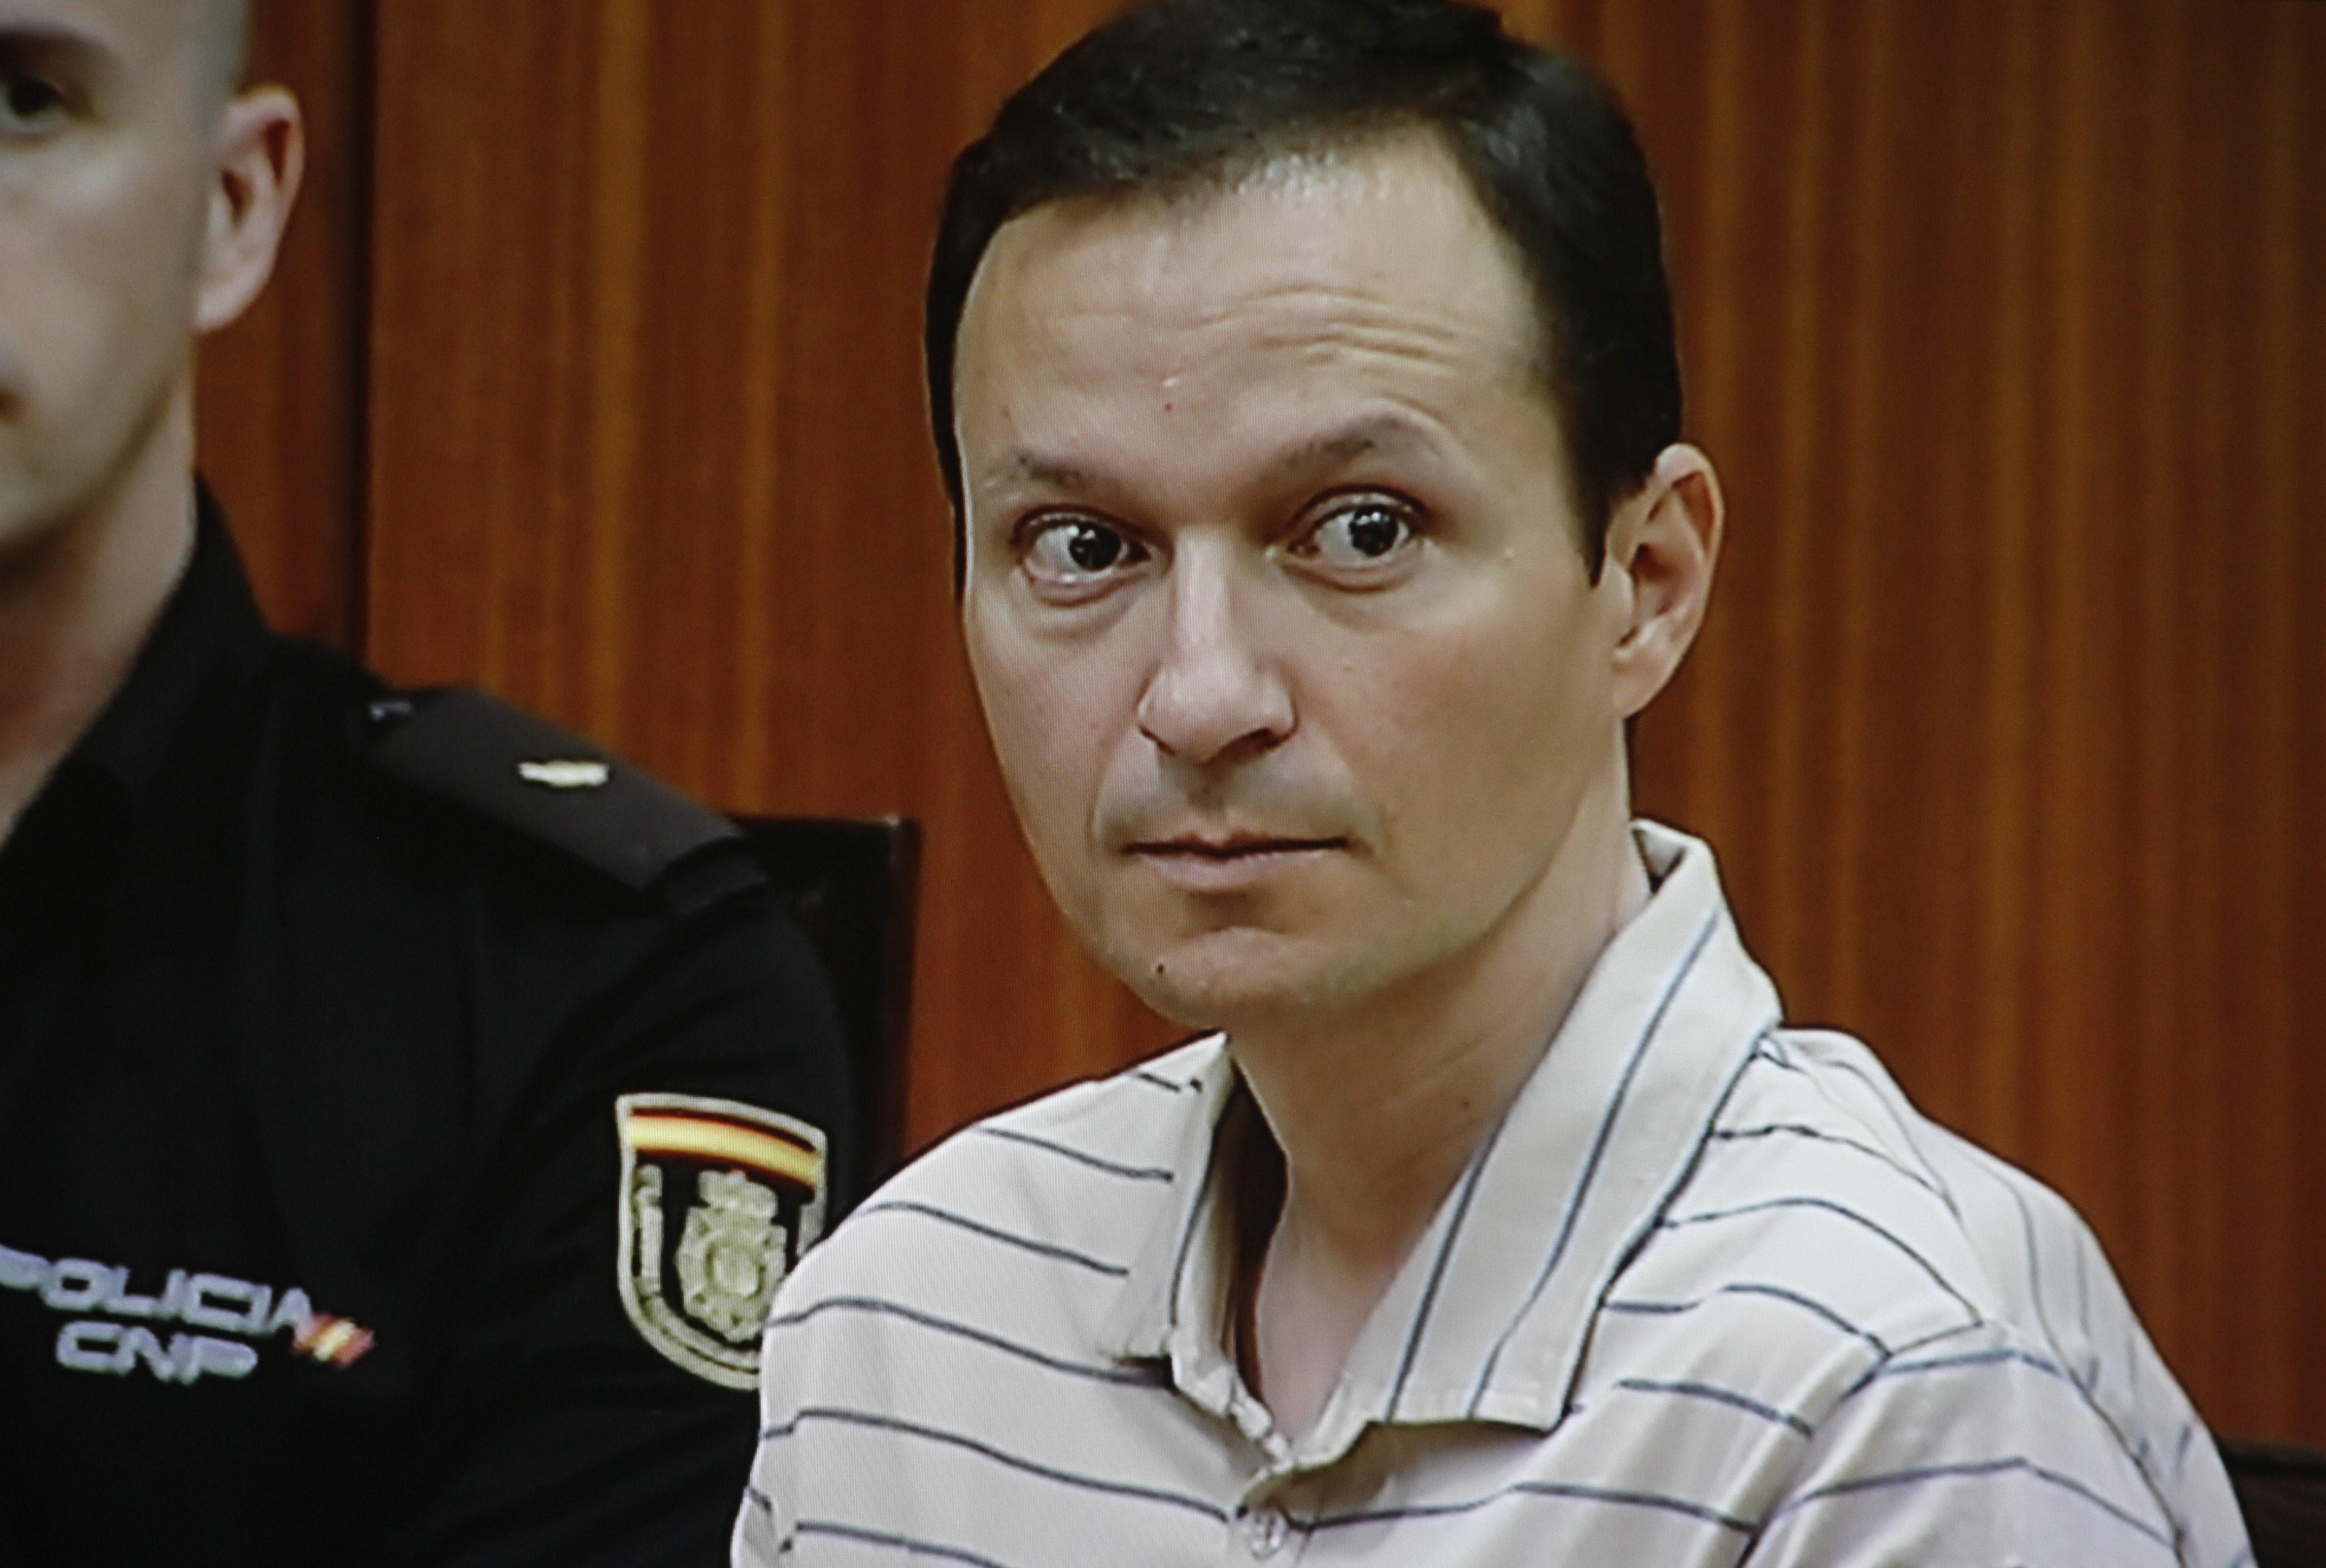 El juicio a Bretón se reanuda con los informes periciales de la investigación